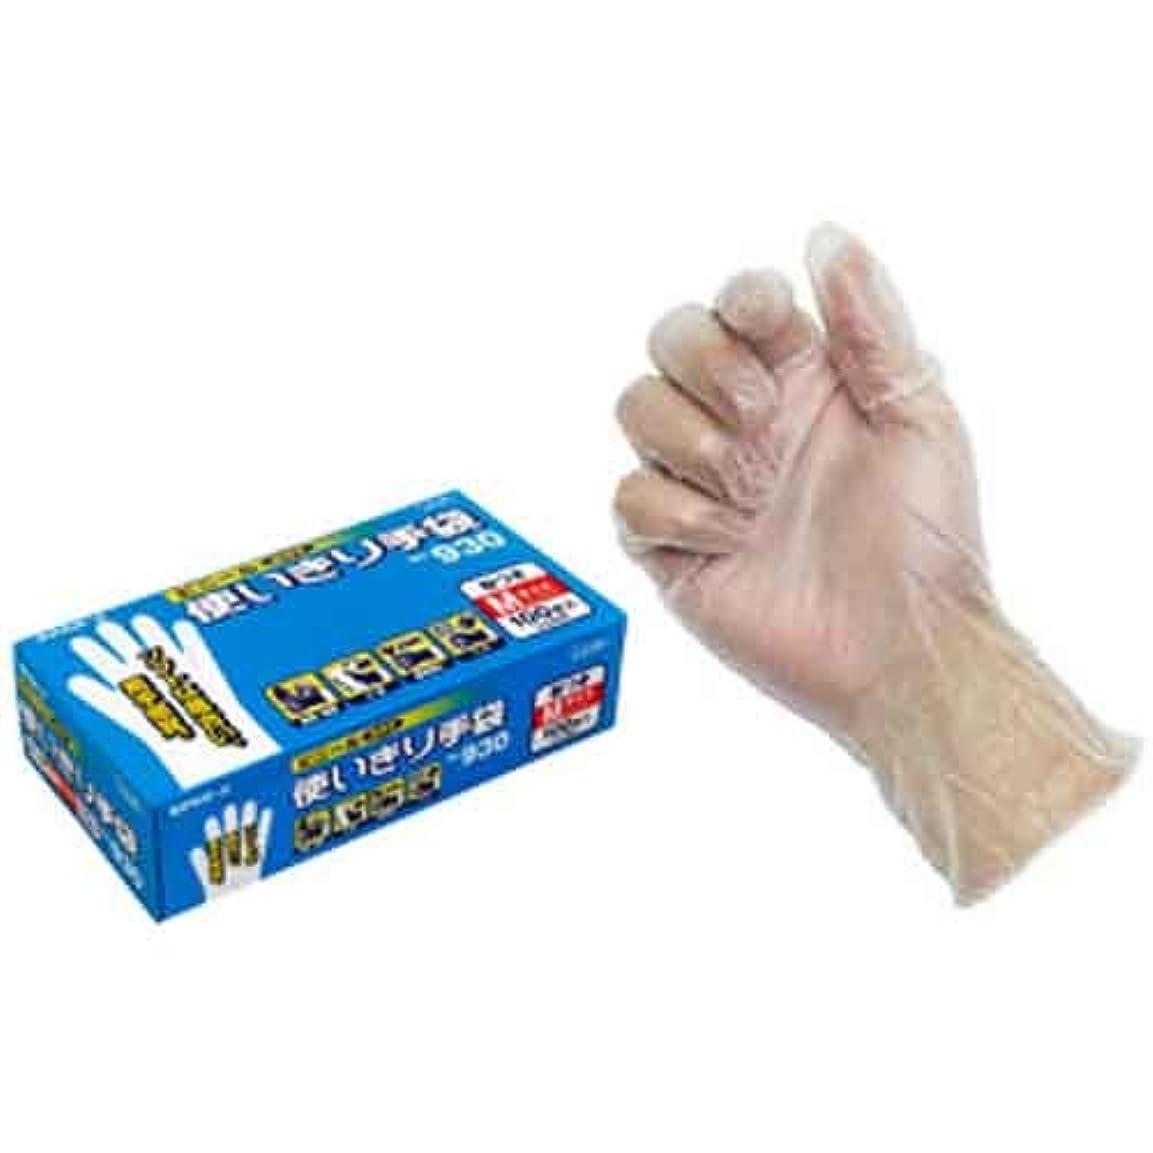 ばかげている熟す熱帯のビニール使いきり手袋(粉付)100枚入(箱) 930 M